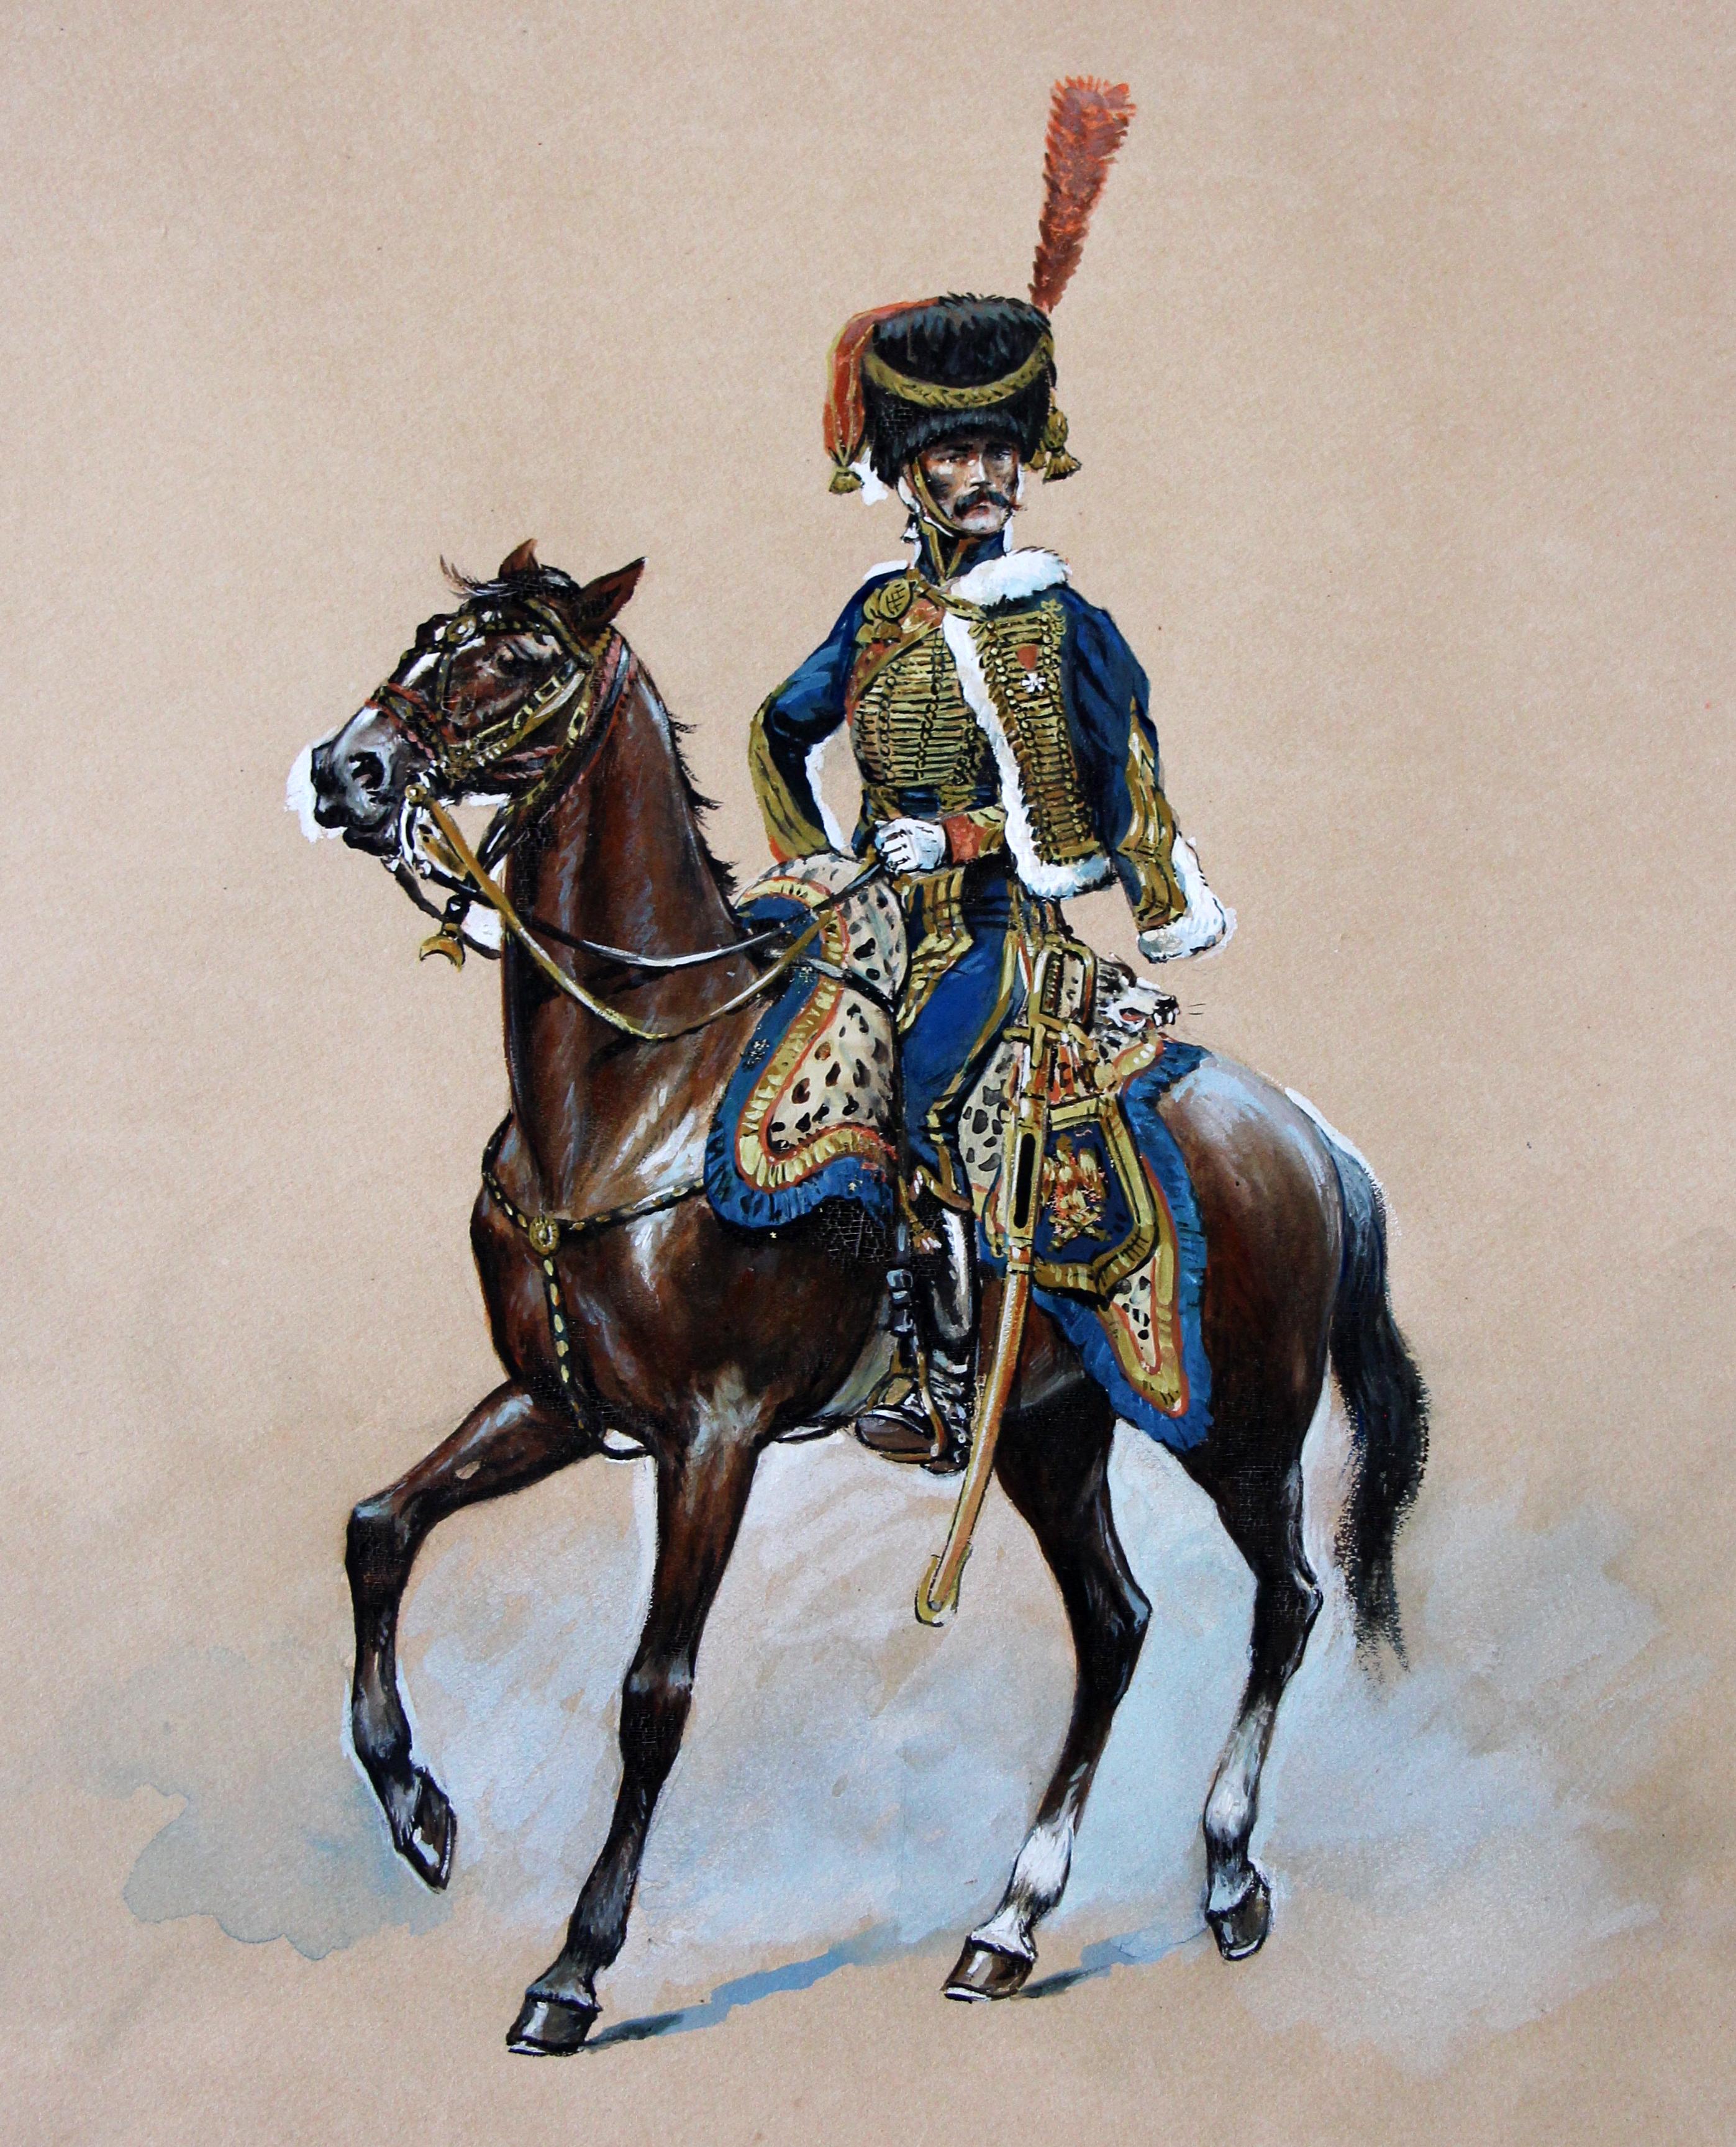 Peinture originale rehaussée - Garde Impériale Artillerie à Cheval 1810 - Pierre Albert Leroux - Les Uniformes de la Garde Impériale - 1er Empire